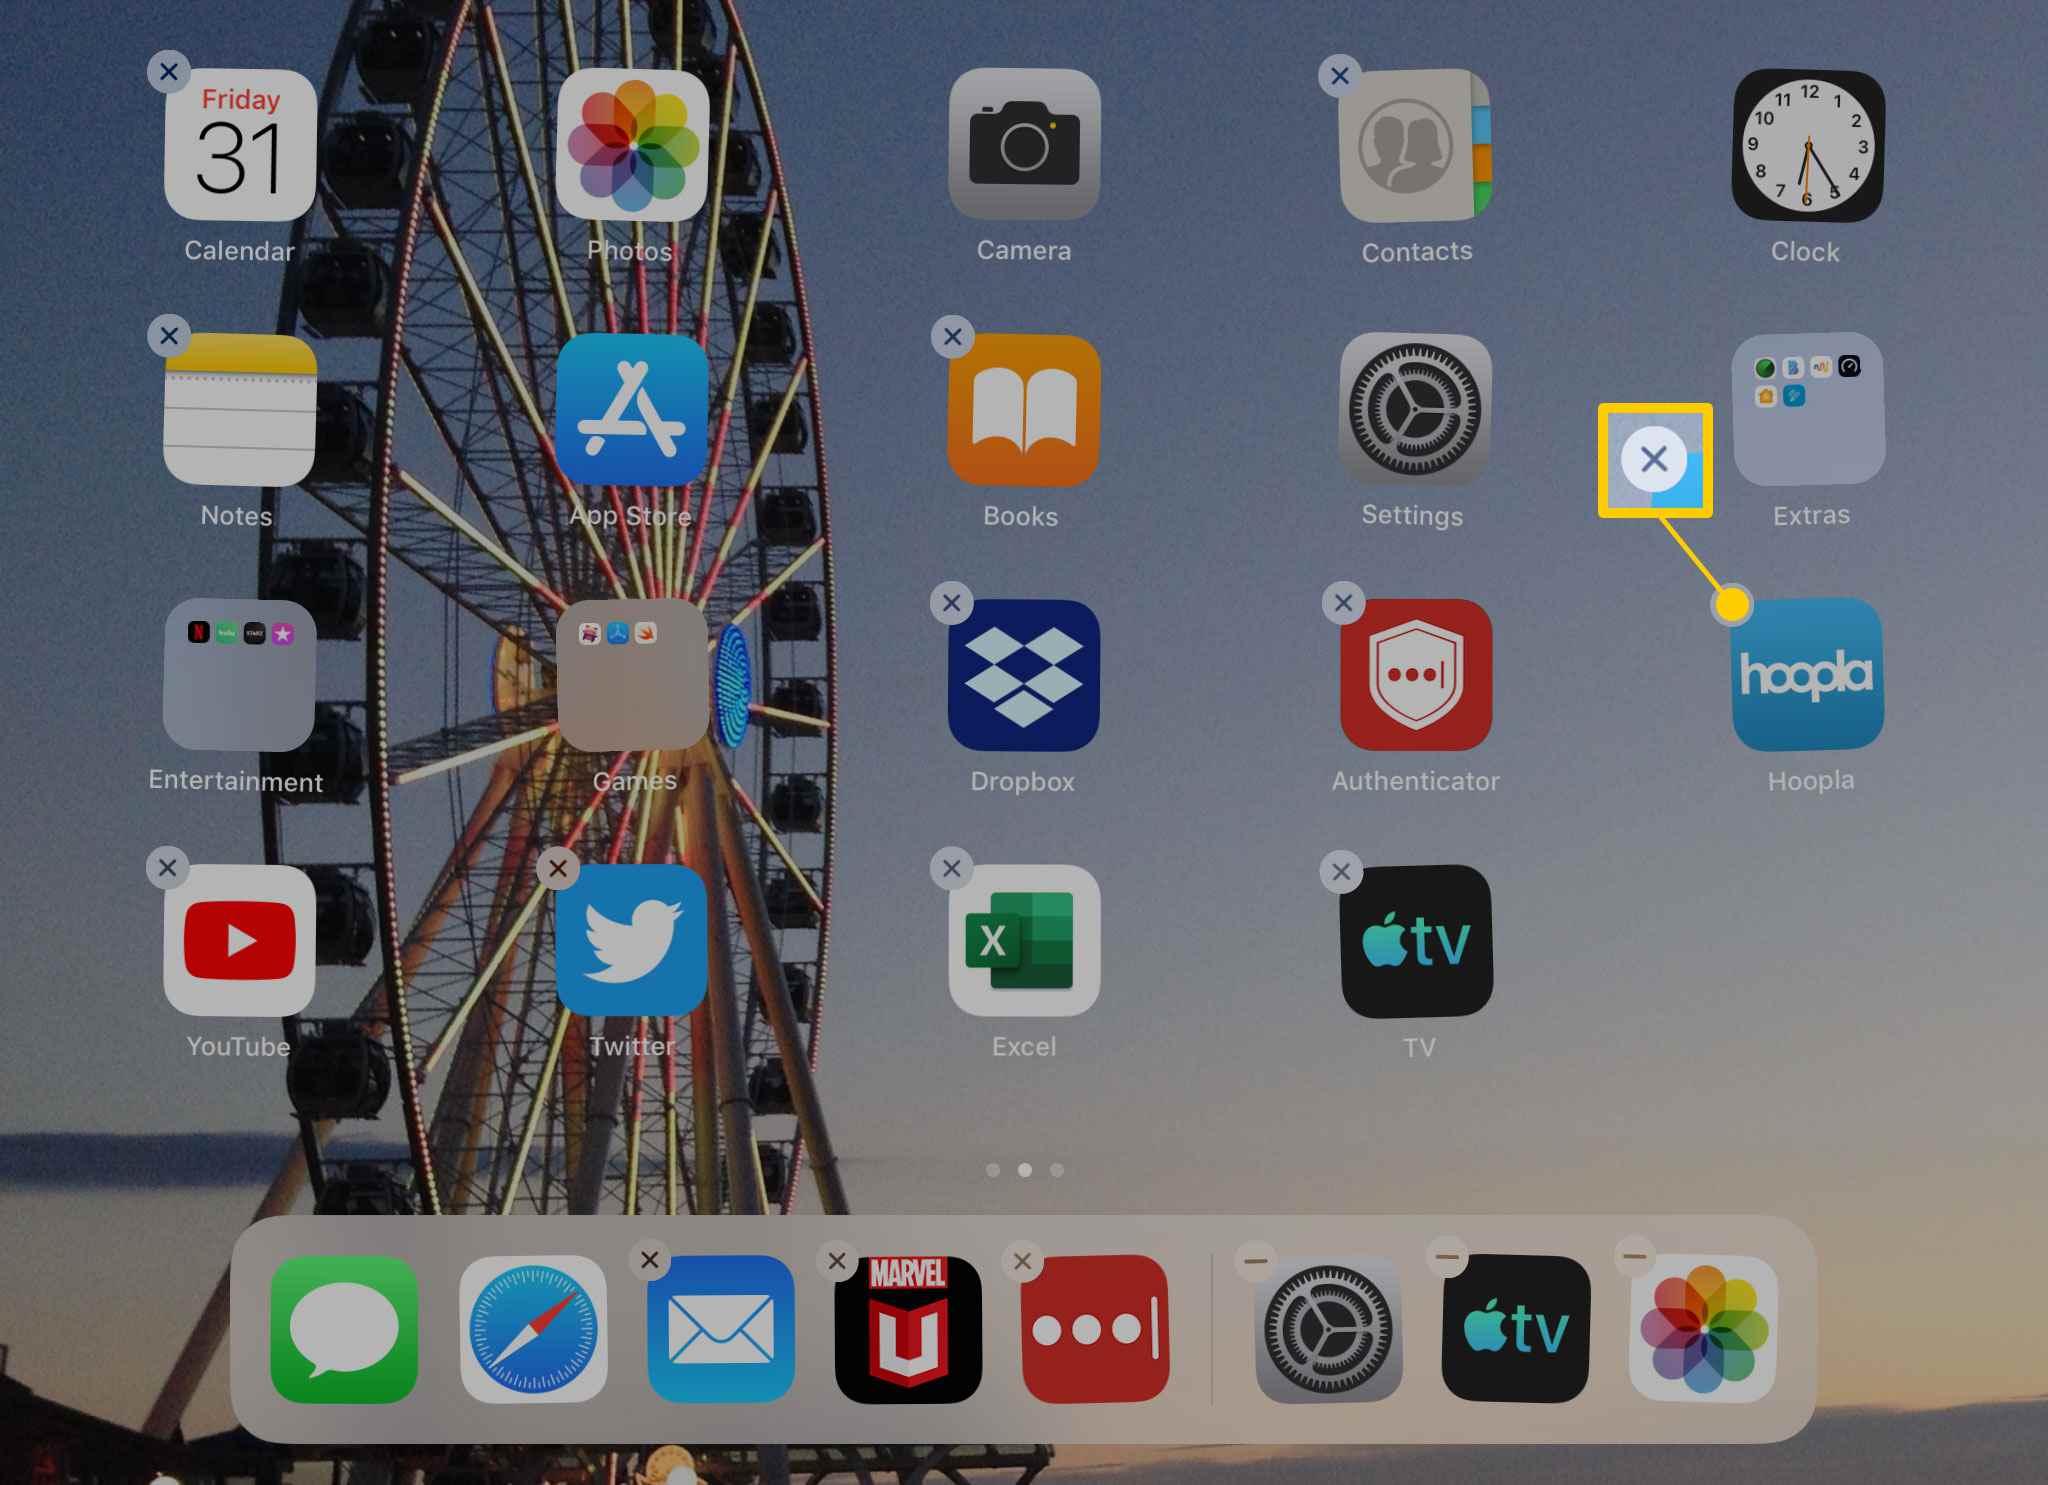 إلغاء تثبيت التطبيق الذي تريد من جهاز أيباد